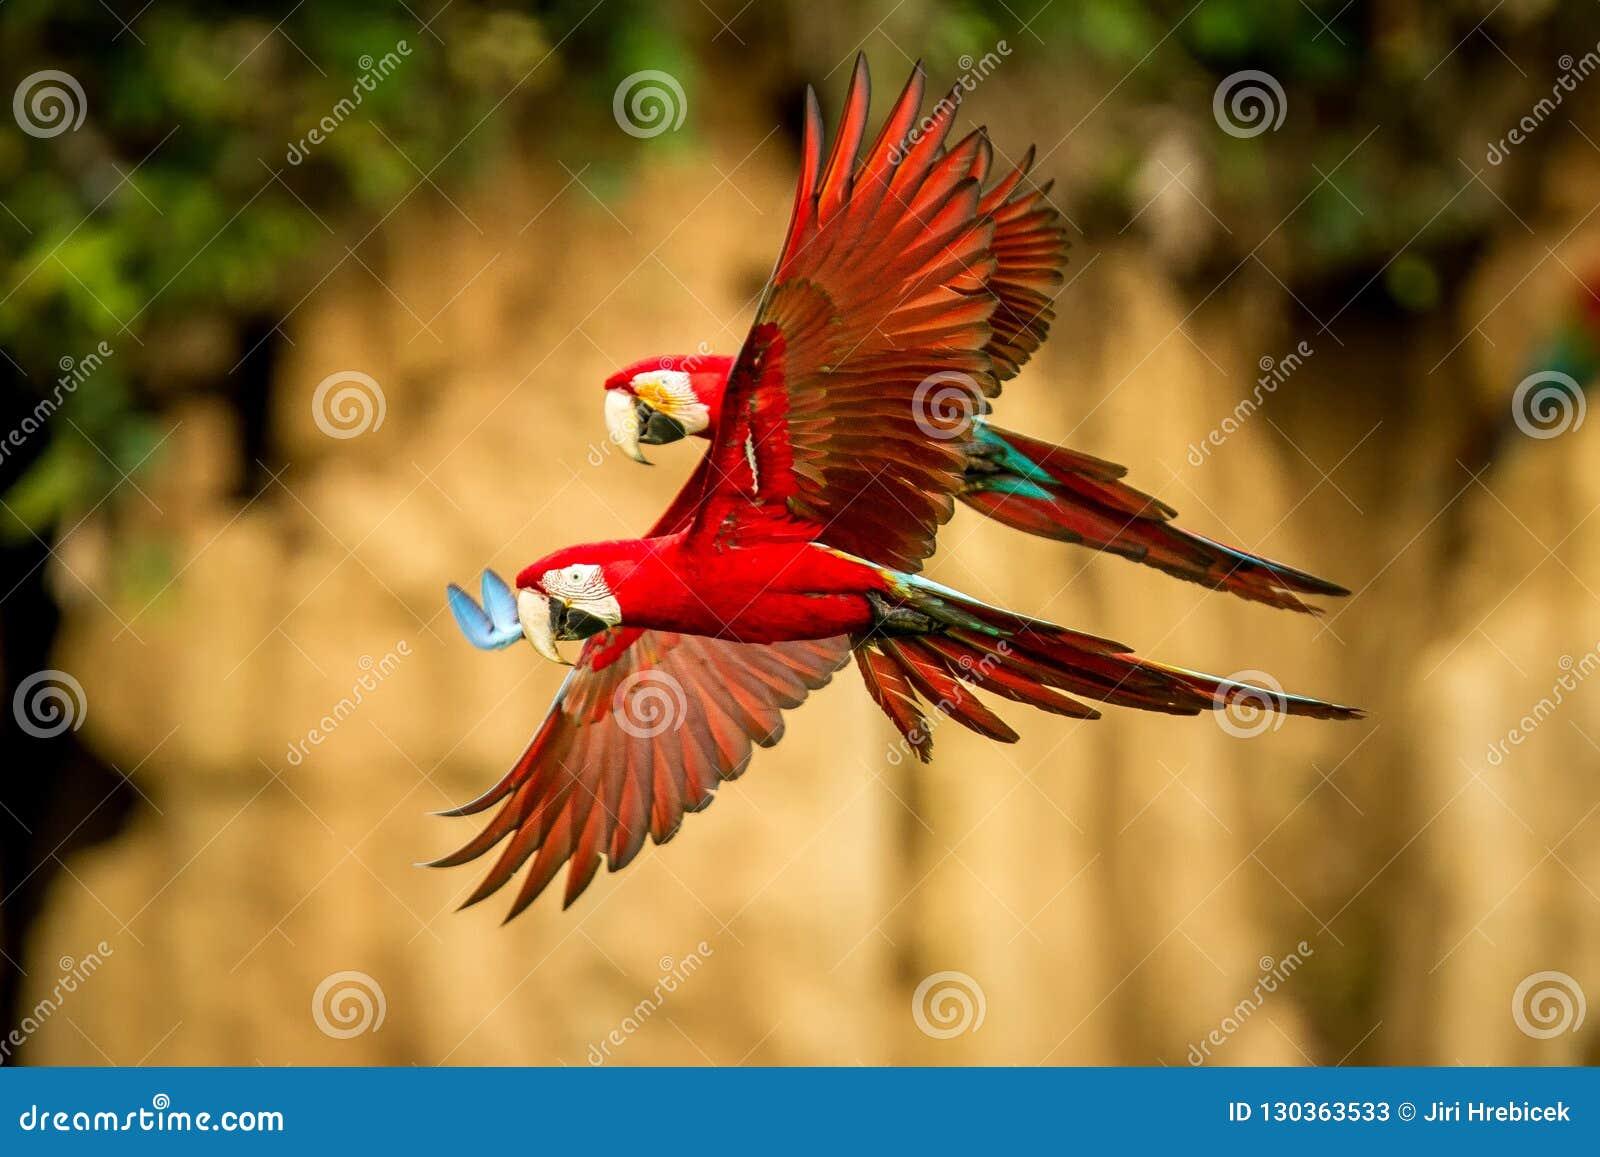 Loro rojo en vuelo Vuelo del Macaw, vegetación verde en fondo Macaw rojo y verde en bosque tropical